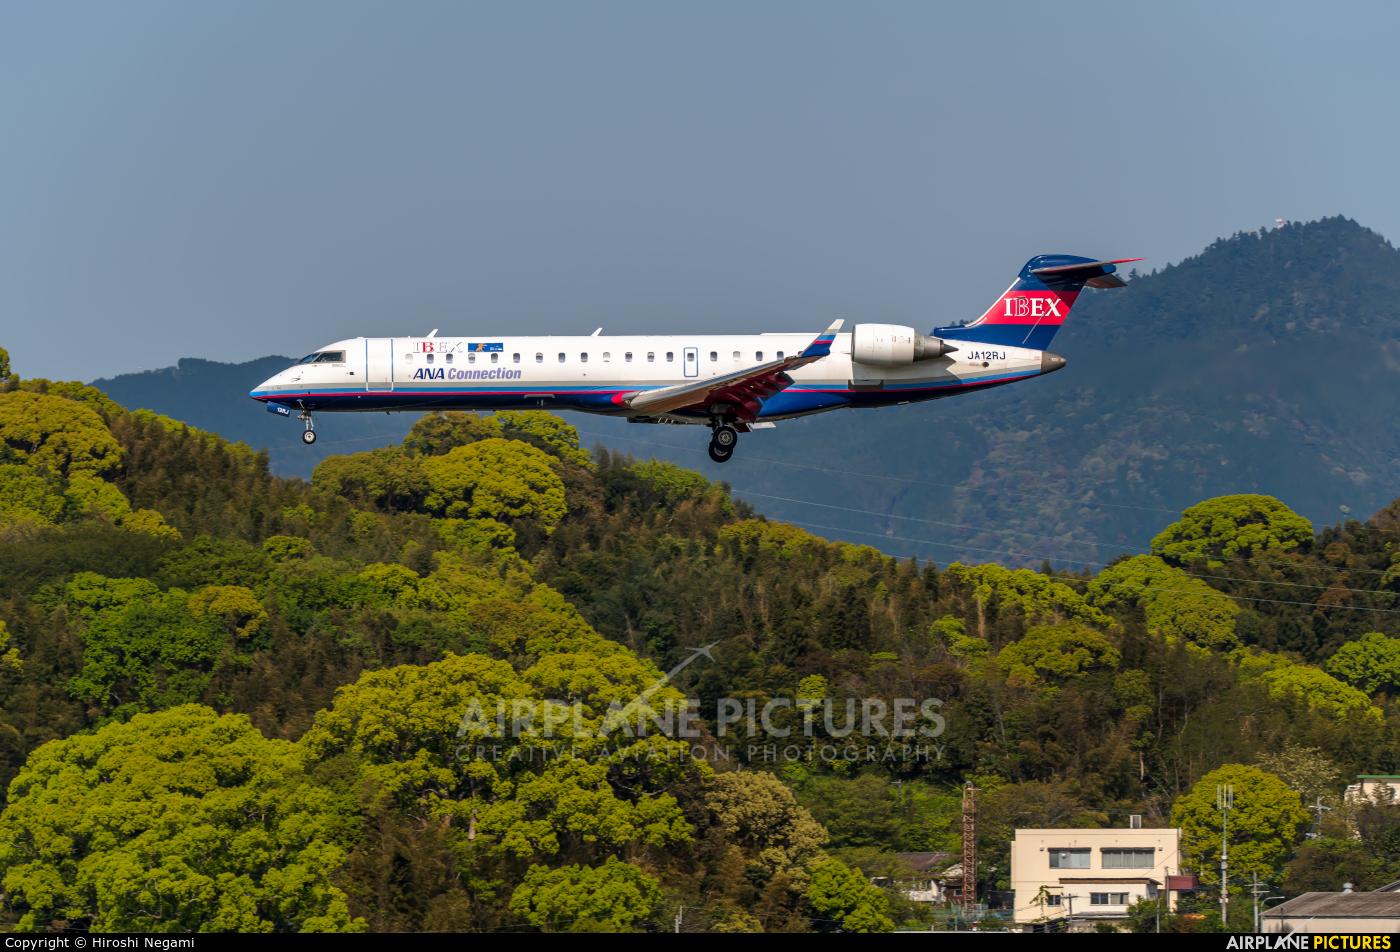 Ibex Airlines - ANA Connection JA12RJ aircraft at Fukuoka